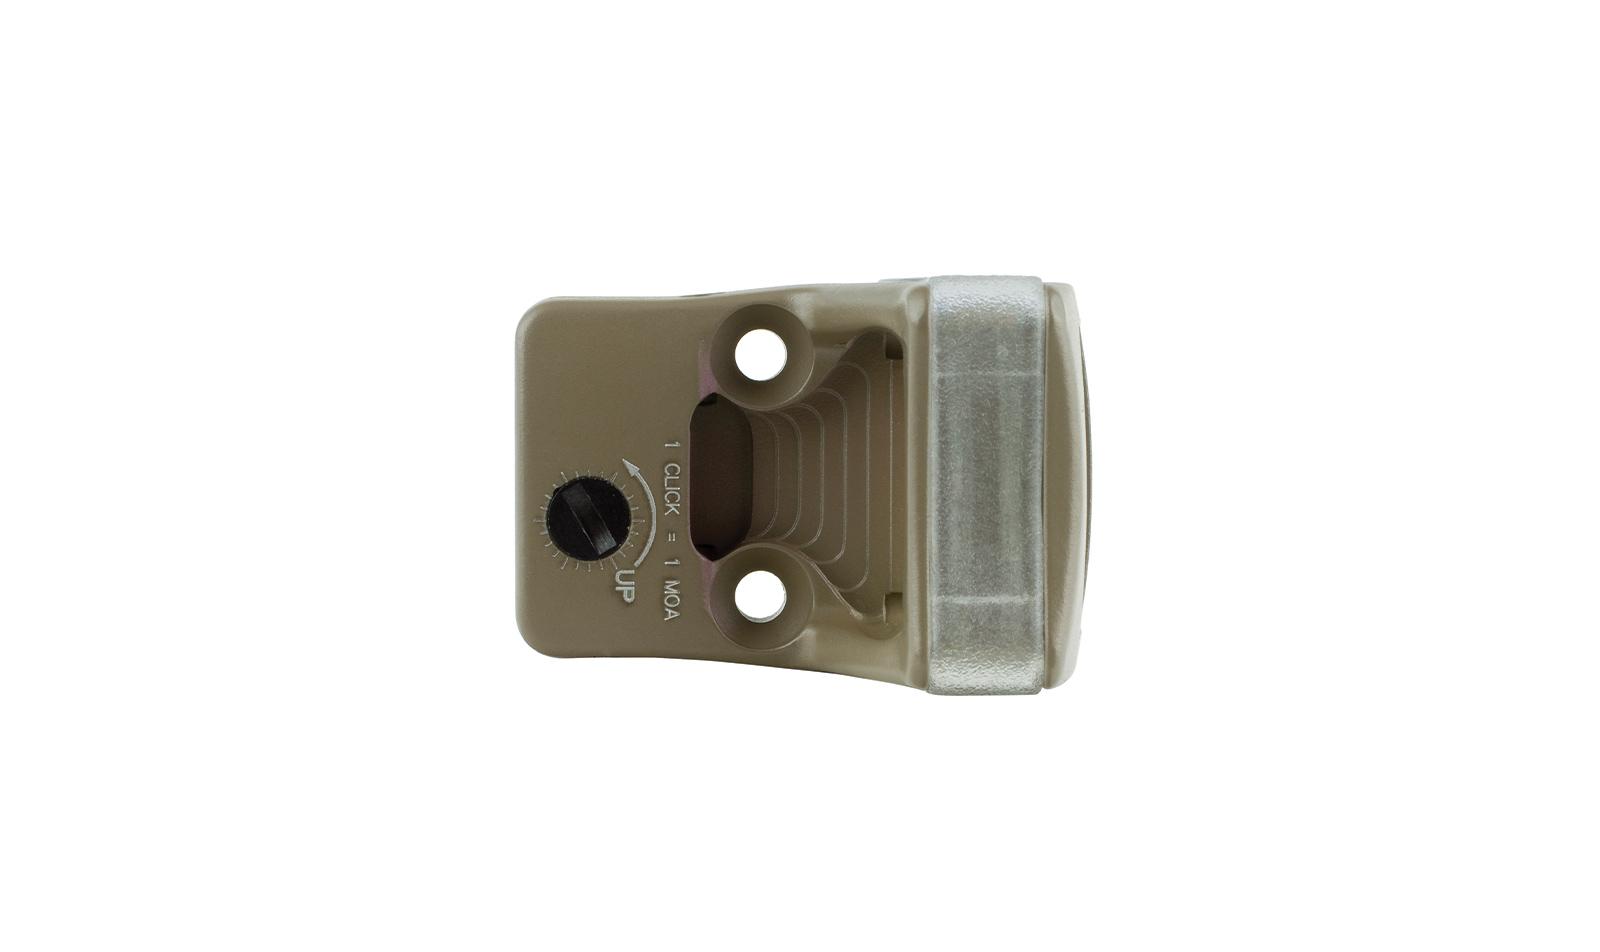 RM08-C-700258 angle 9